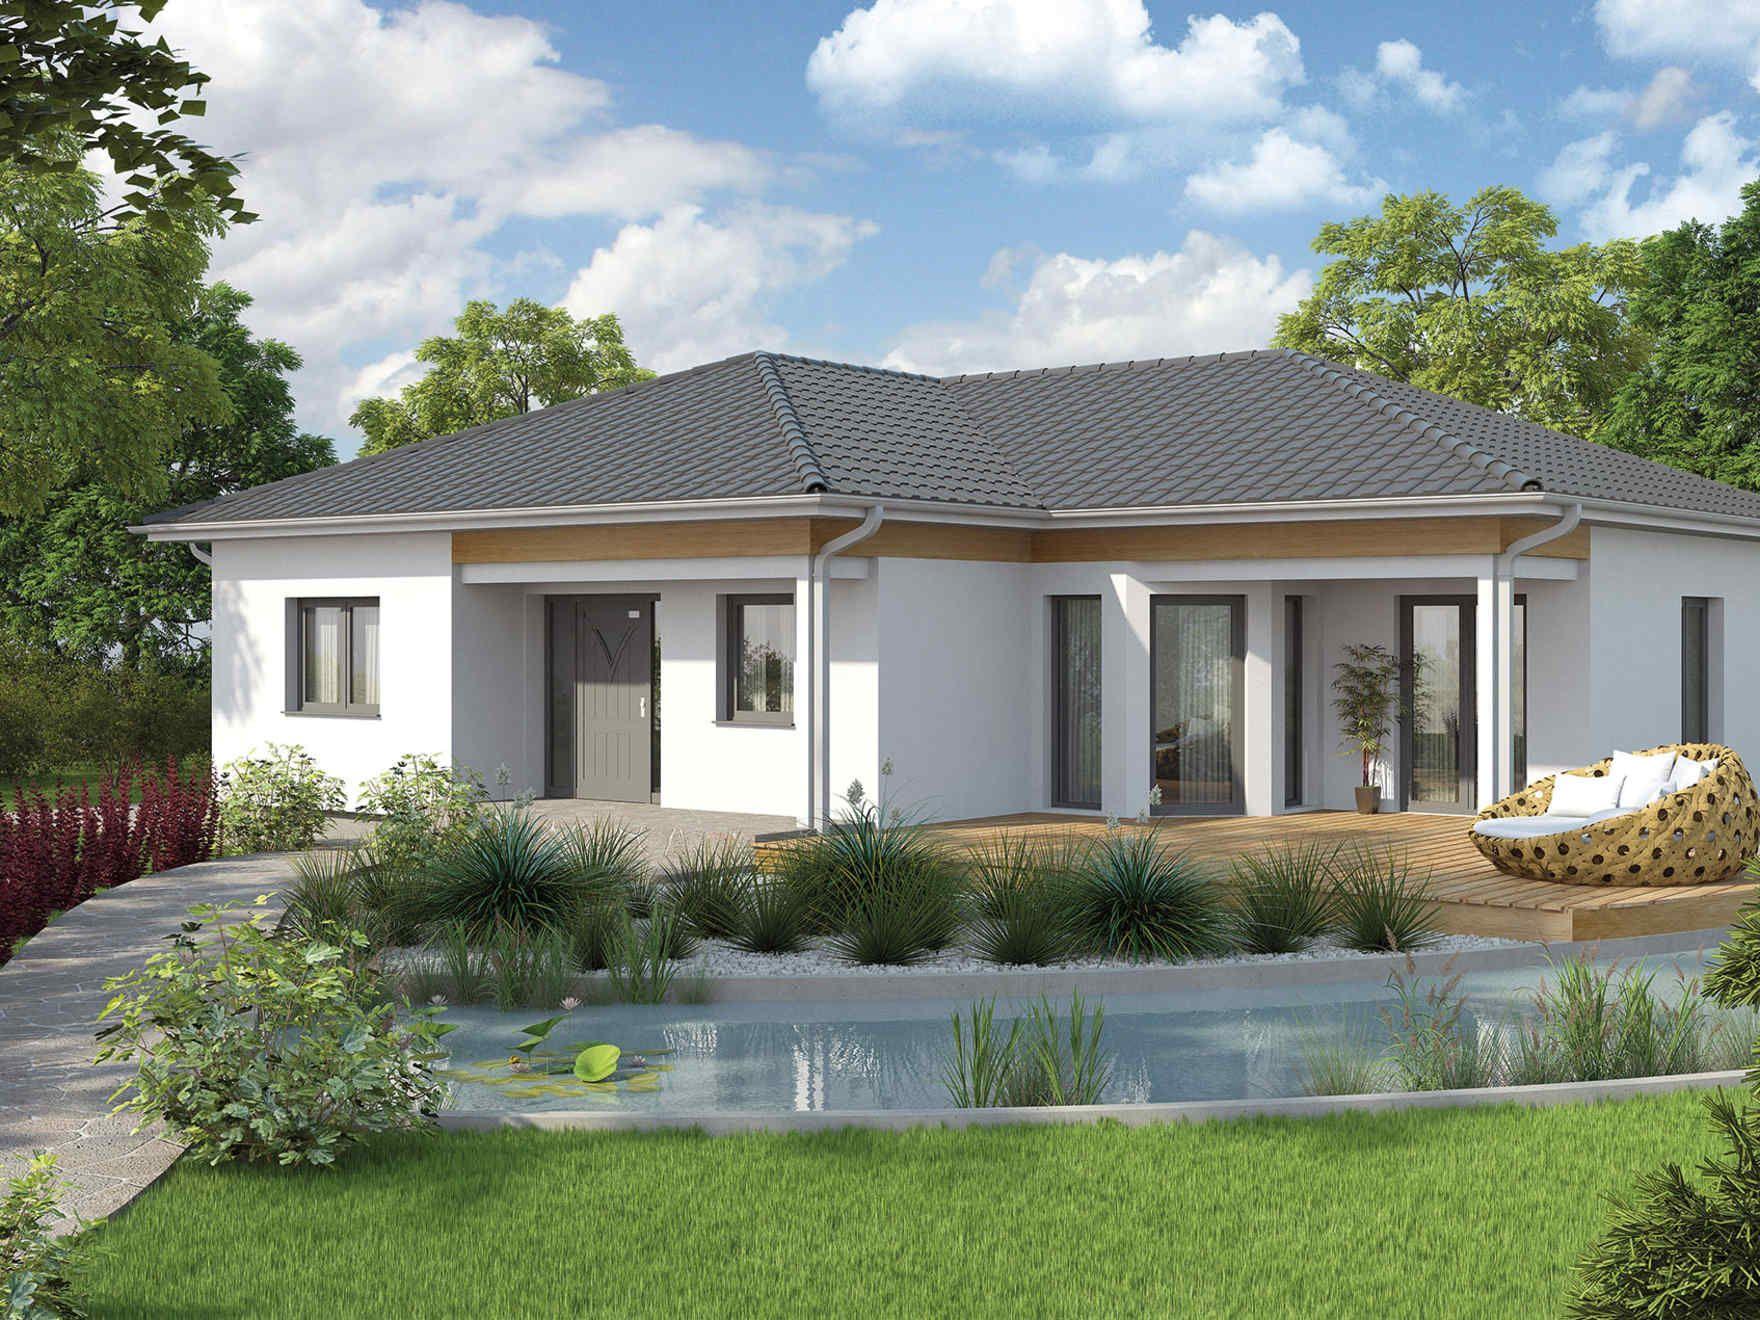 Vario haus bungalow we136 gibtdemlebeneinzuhause for Einfamilienhaus modern walmdach